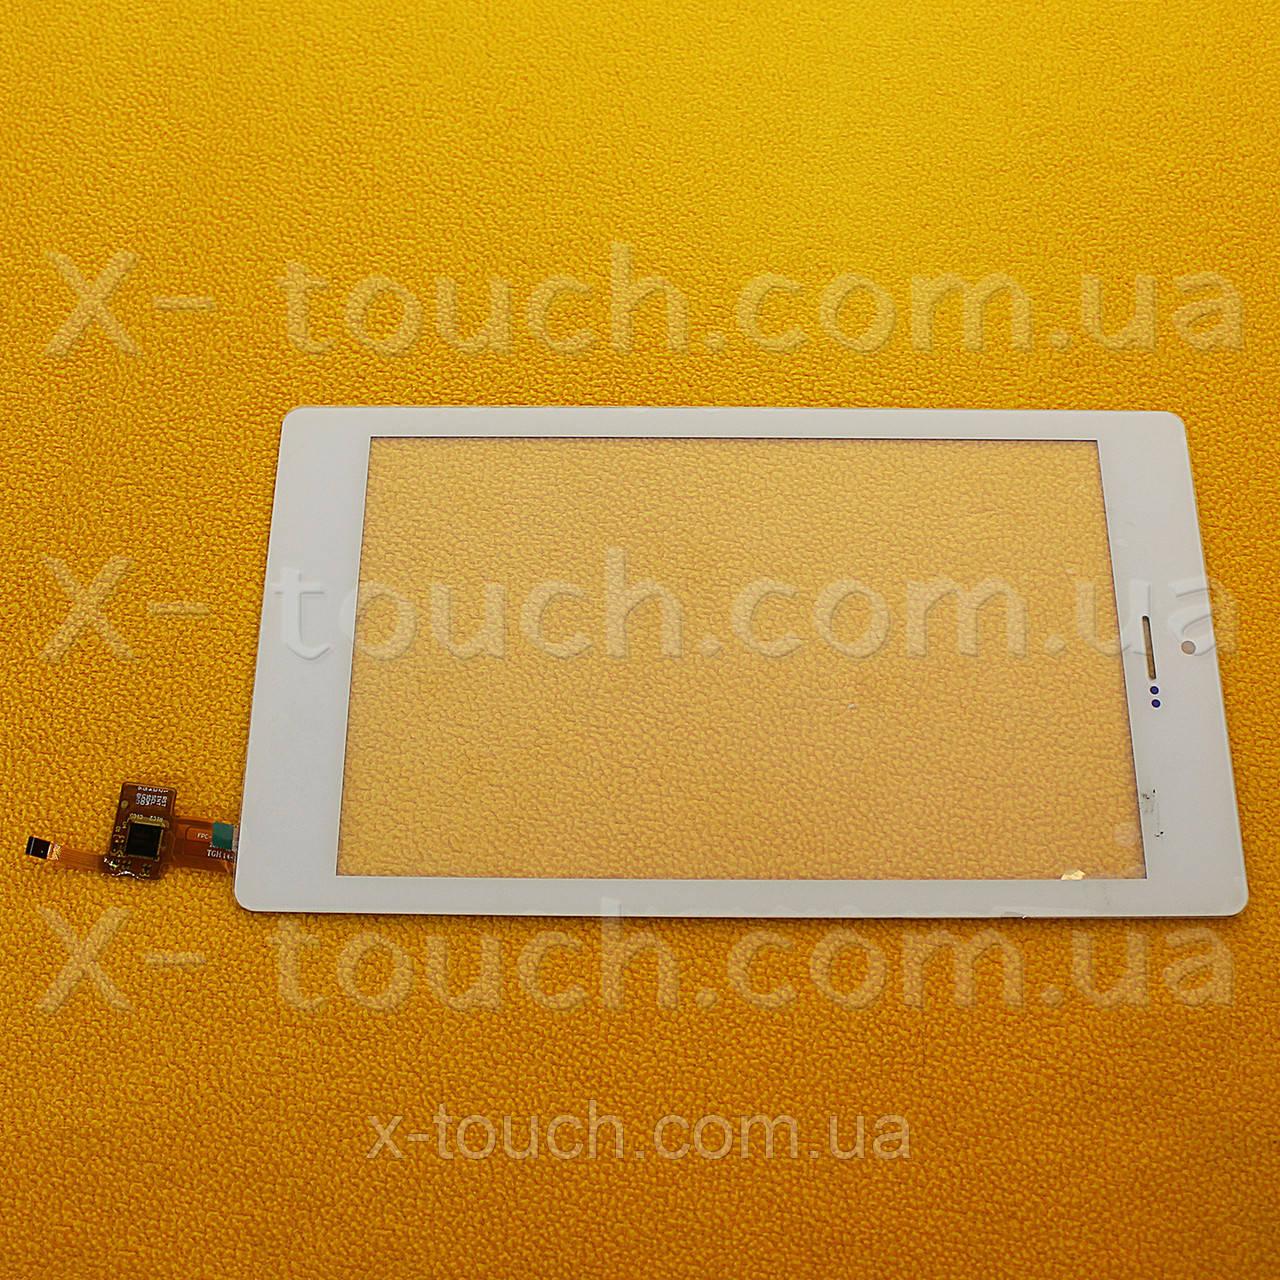 Тачскрин, сенсор  FPC-CTP-0700-135-2 для планшета